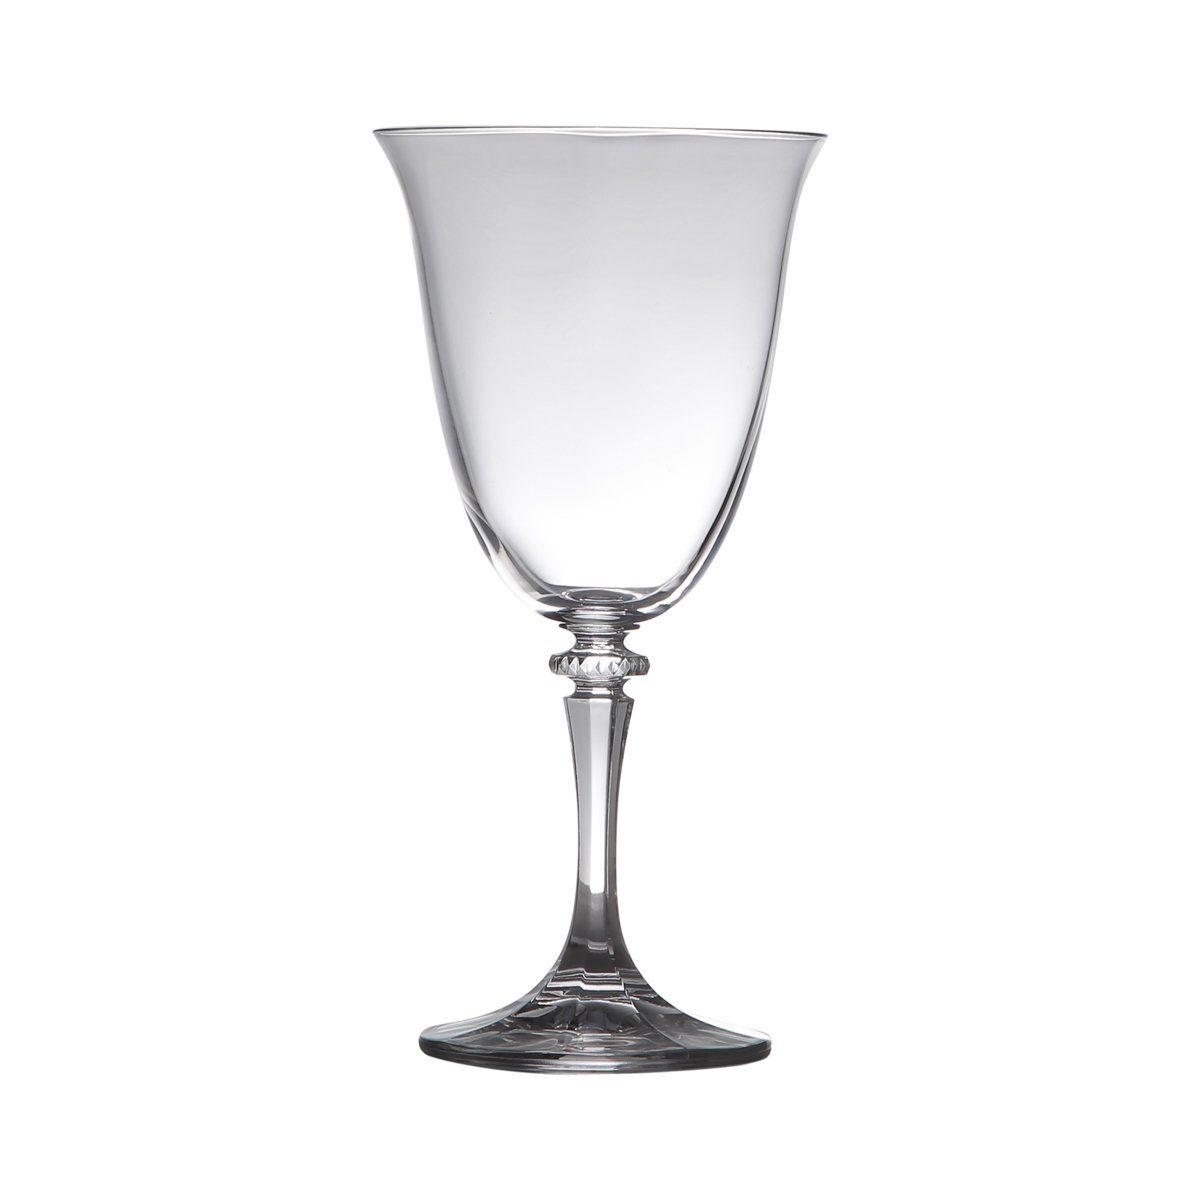 Jogo 6 taças 360ml para água de vidro transparente Kleopatra Bohemia - 5233